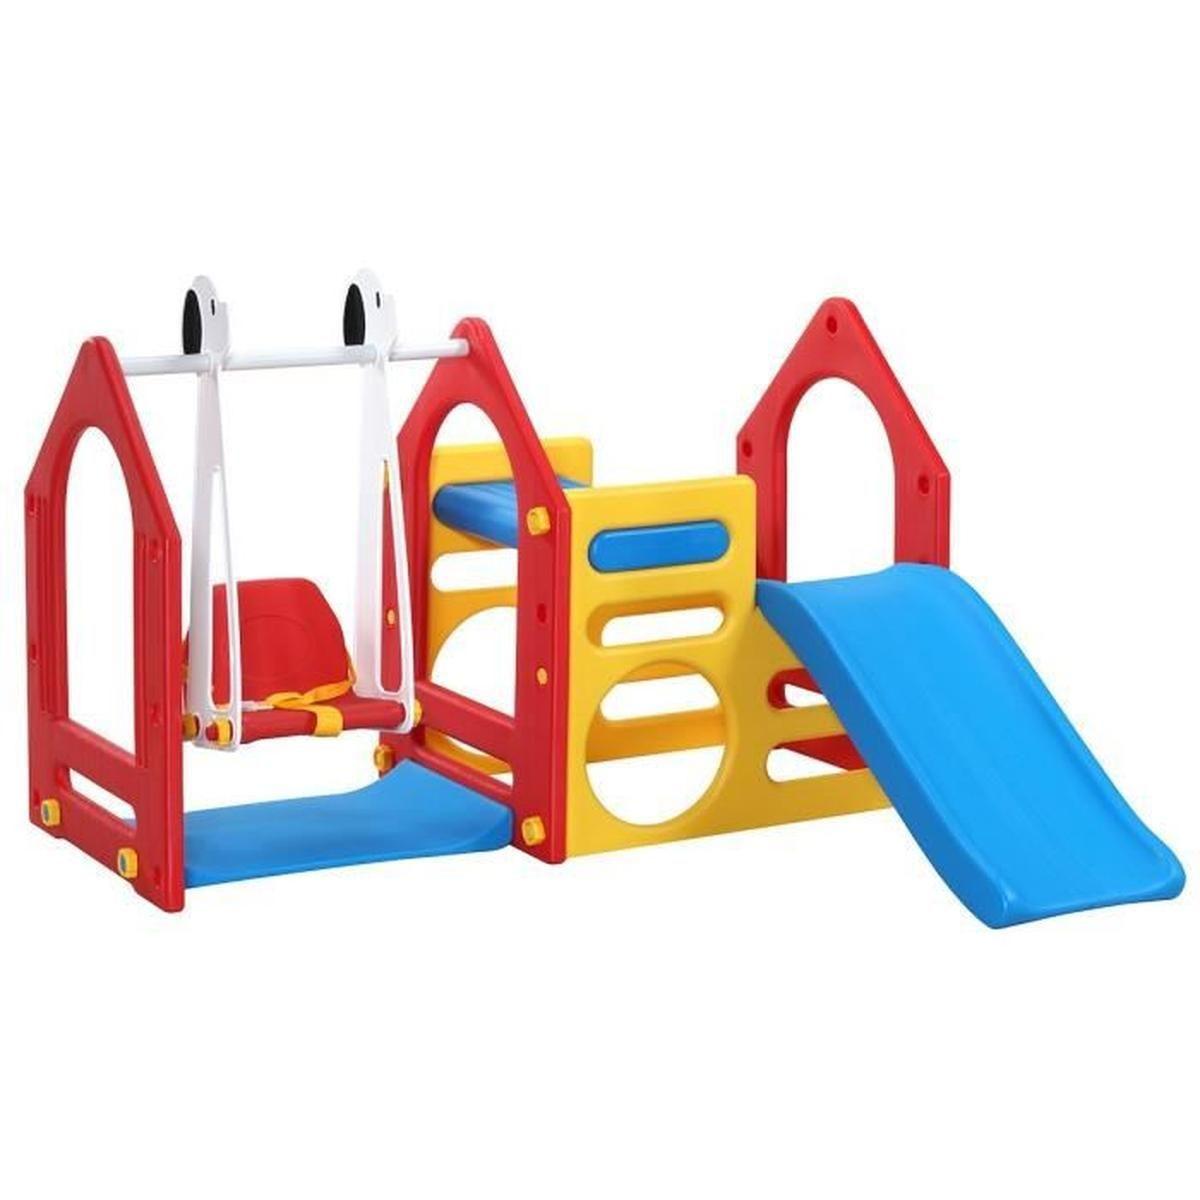 Maison De Jeu Pour Enfants Avec Toboggan Et Balançoire Ks destiné Jeux Pour Enfan